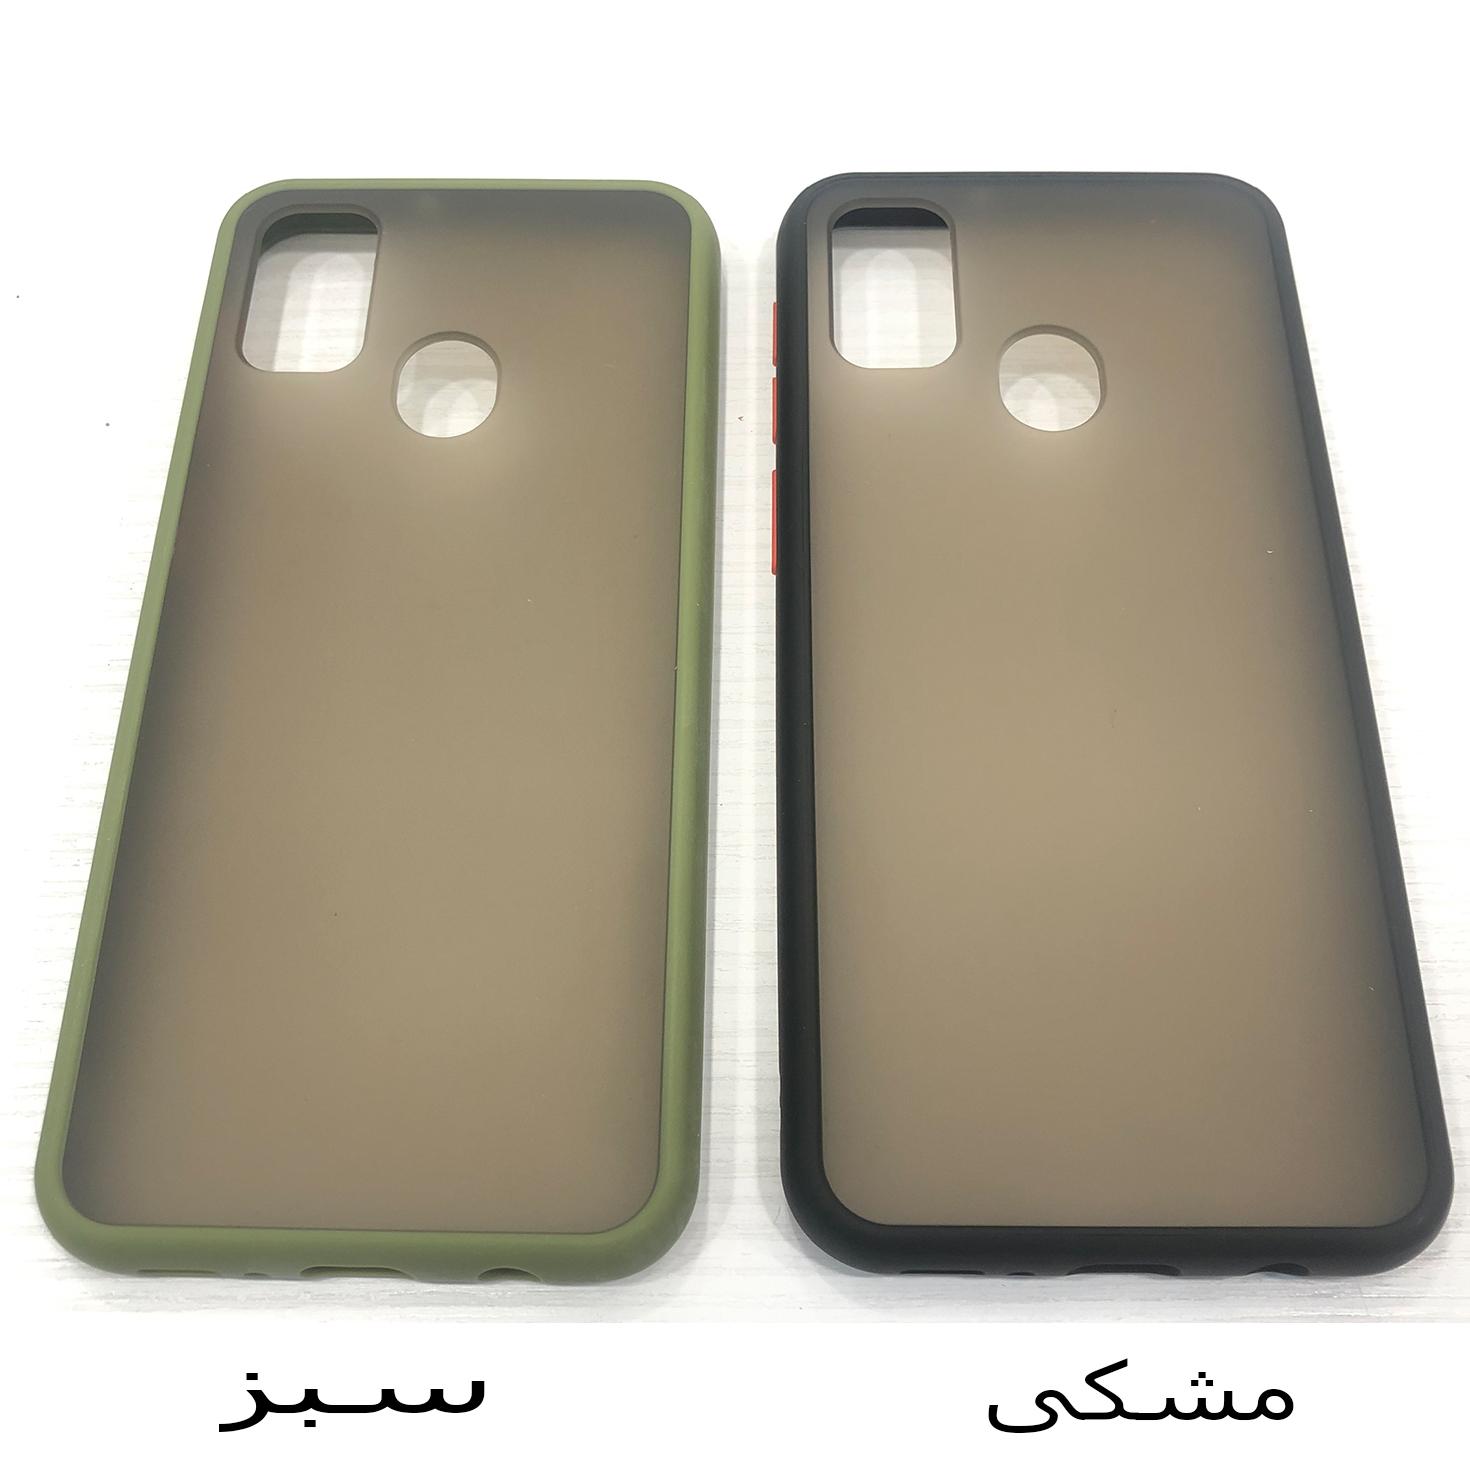 کاور مدل ME-003 مناسب برای گوشی موبایل سامسونگ Galaxy M31  thumb 2